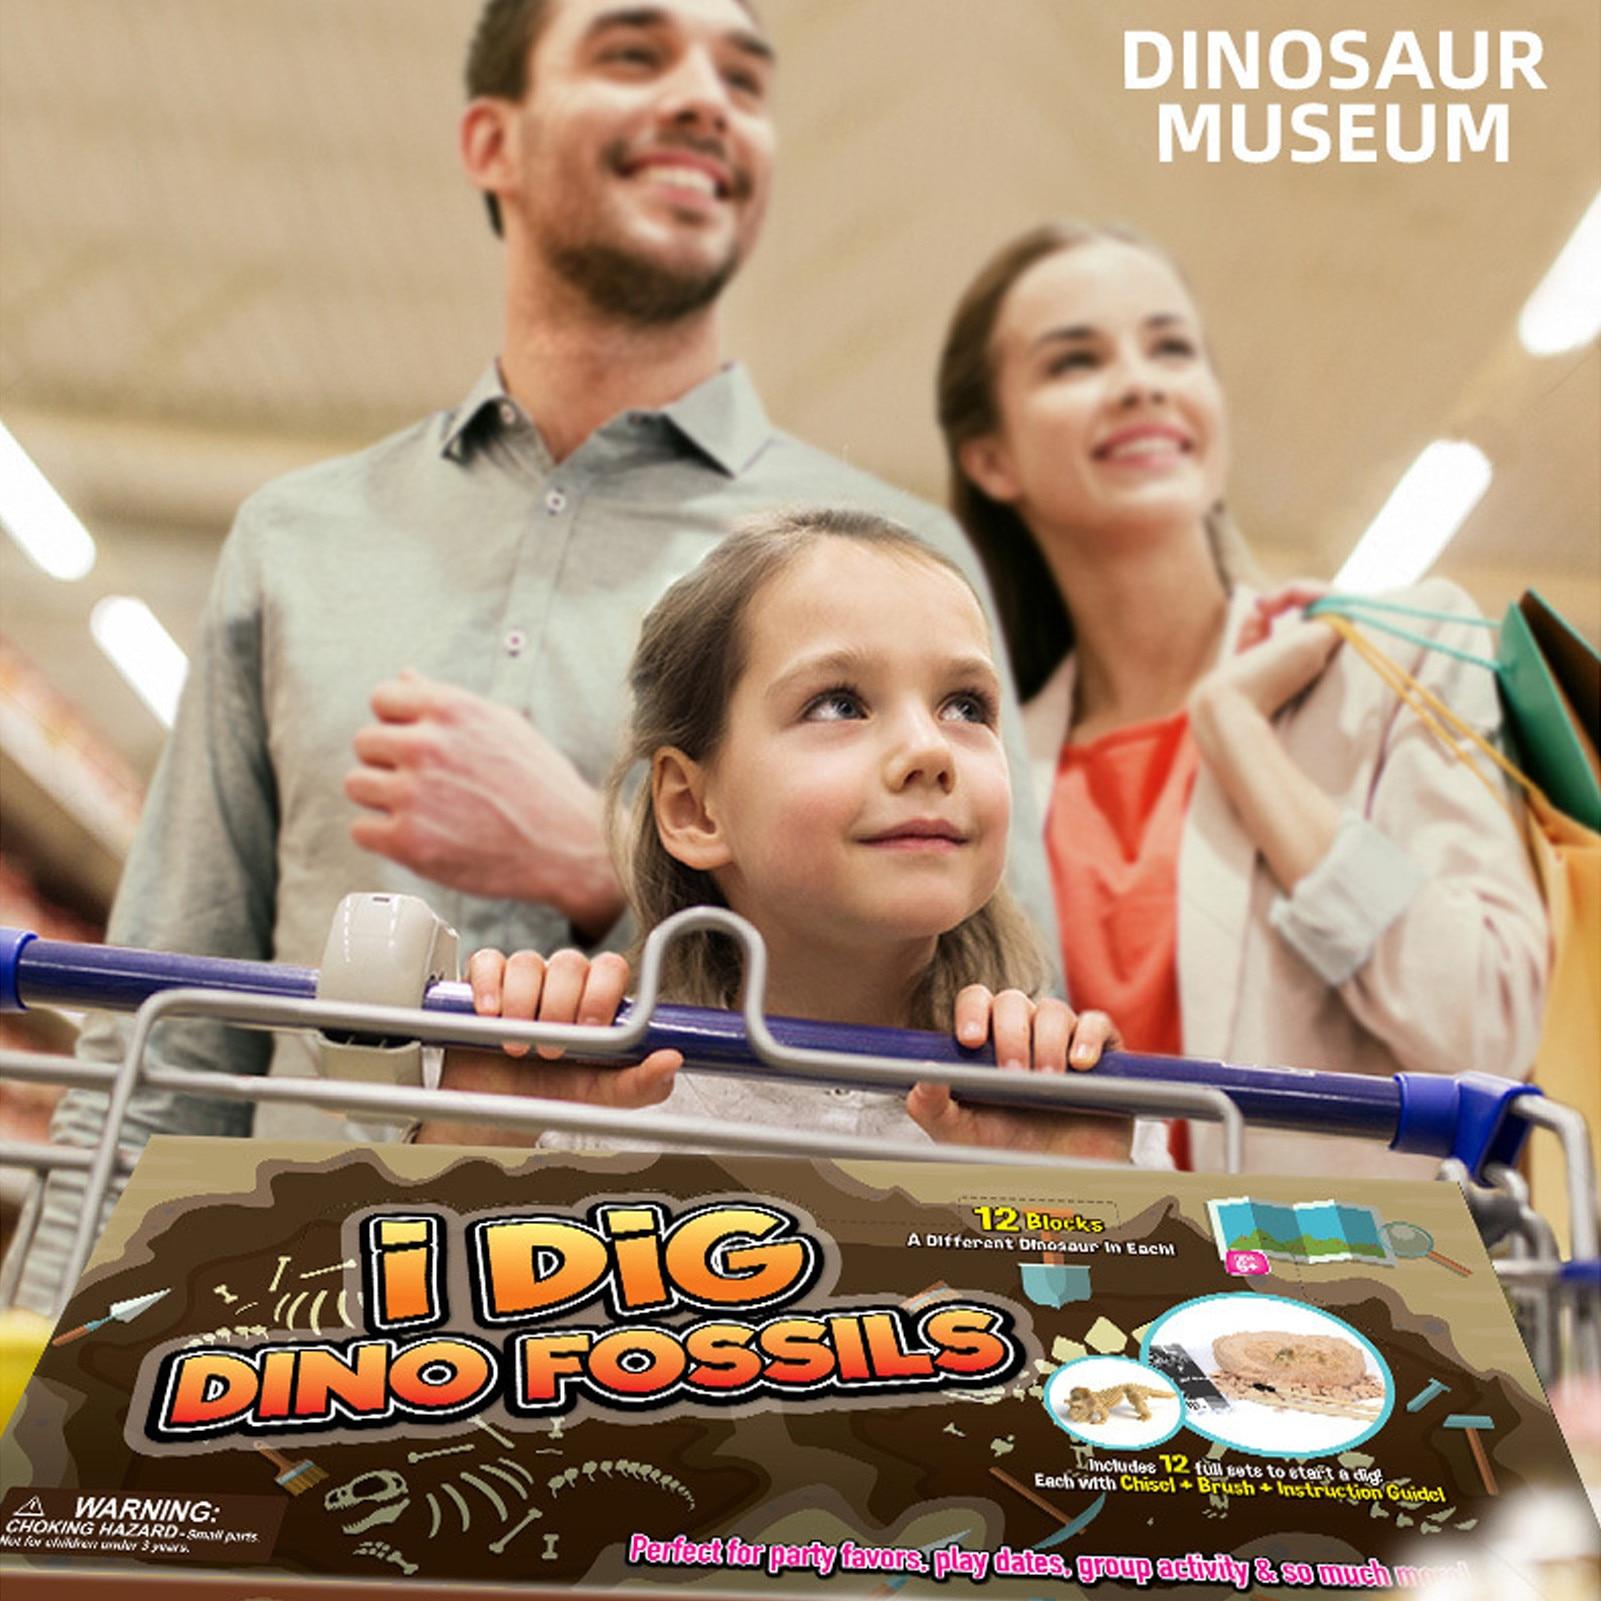 Dig A Dozen Dino Eggs Dig Kit Easter Egg Toys For Kids Break Open 12 Unique Large Surprise Dinosaur Filled Eggs Crafts Gifts